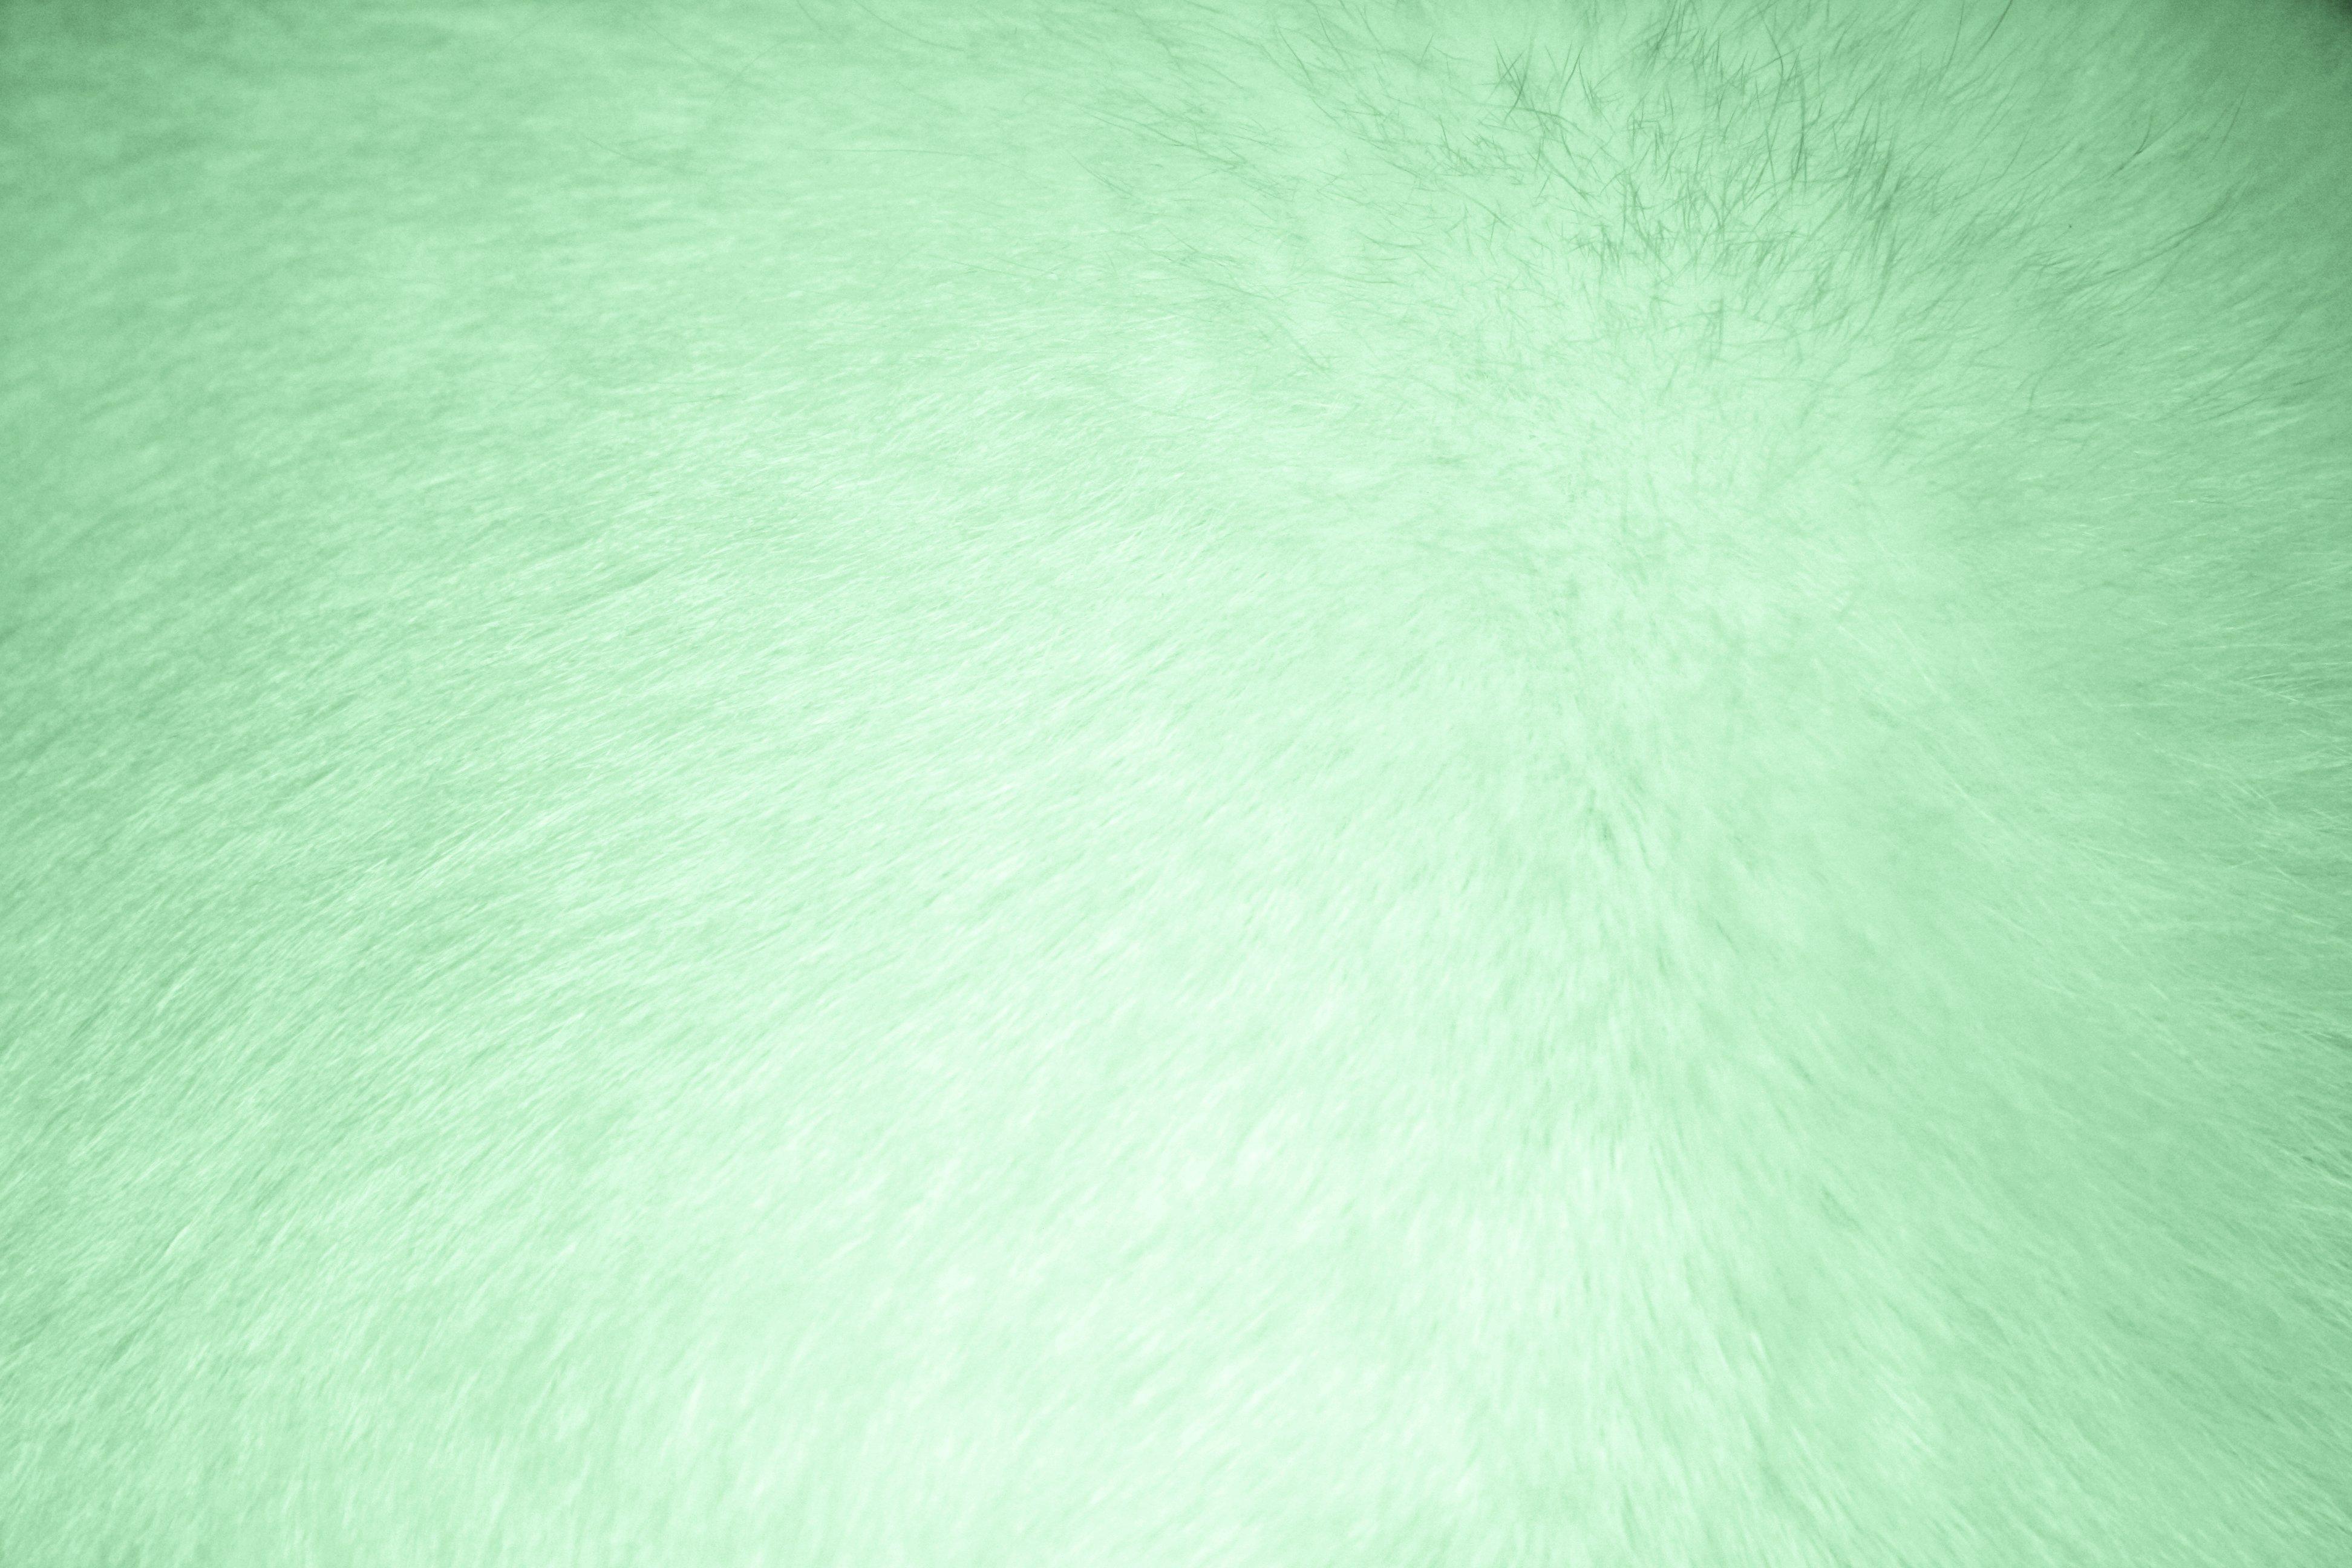 Light Green Fur Texture Picture Photograph Photos Public 3888x2592